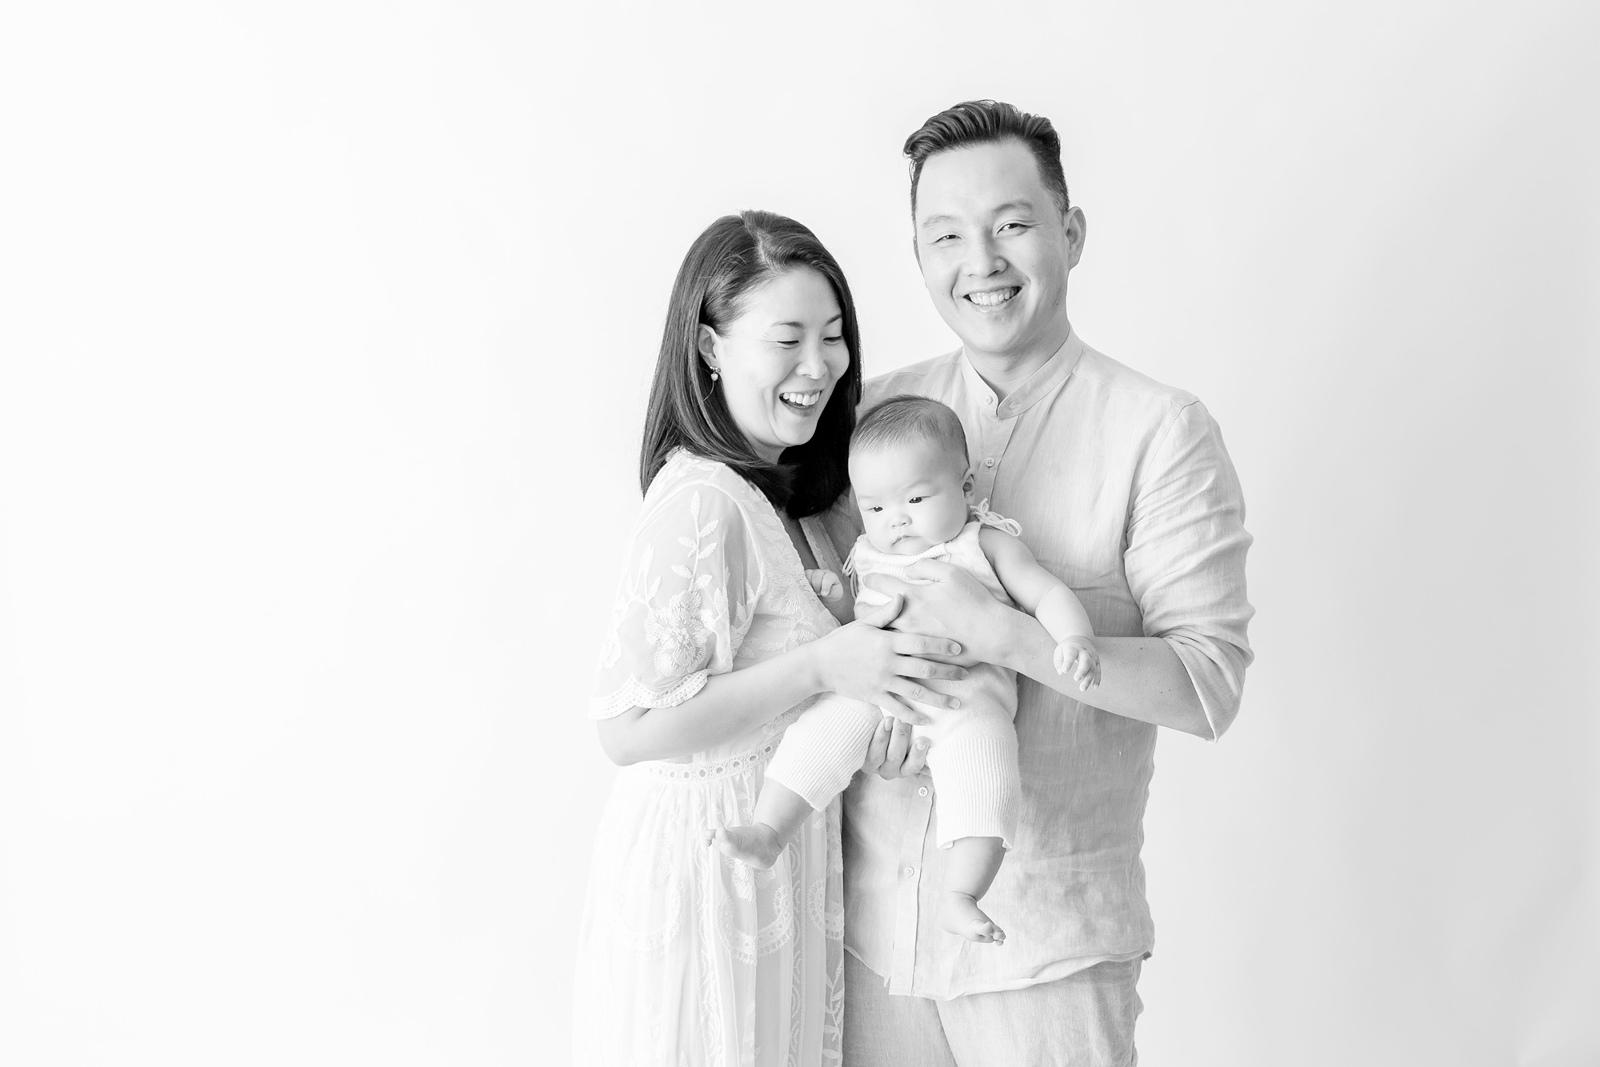 Orange-County-Family-Portrait-Studio-Photography